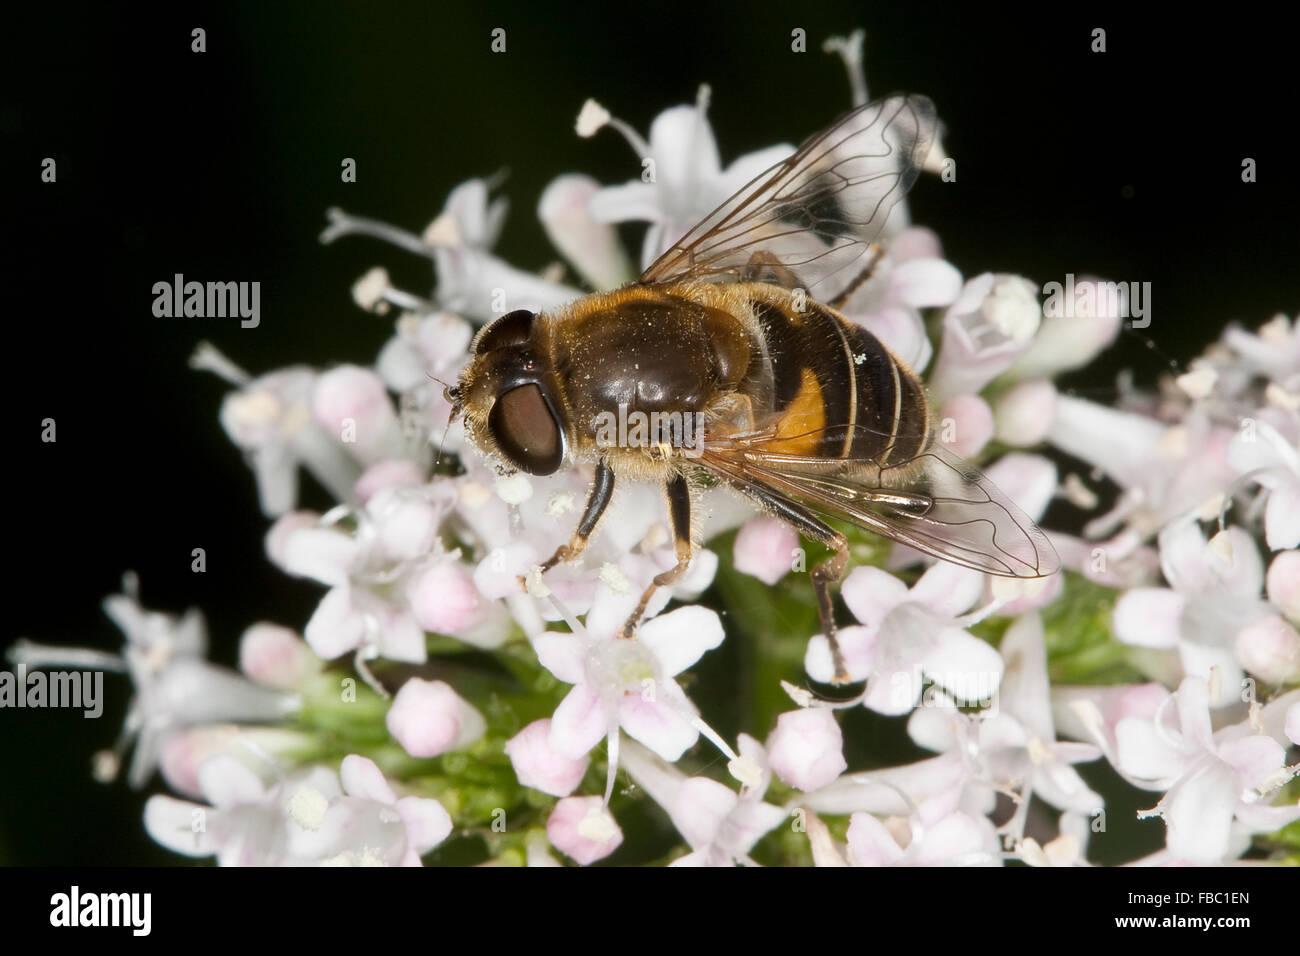 Lesser drone fly, hoverfly, Kleine Bienen-Schwebfliege, Kleine Bienenschwebfliege, Eristalis arbustorum, Blütenbesuch - Stock Image